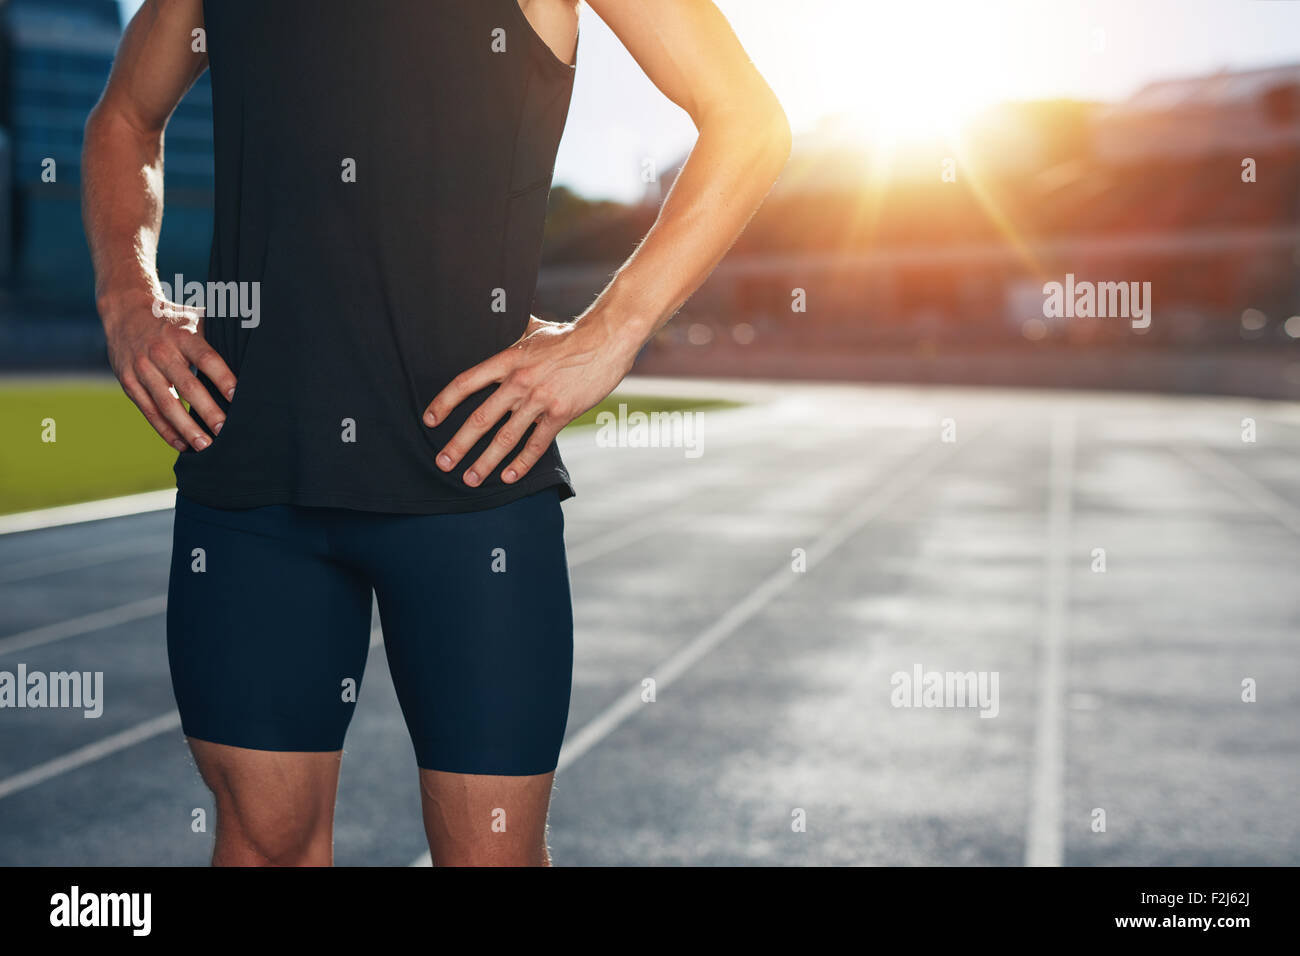 Mittelteil verfolgen Schuss von männlichen Athleten stehen auf Rennen mit seinen Händen auf den Hüften Stockbild